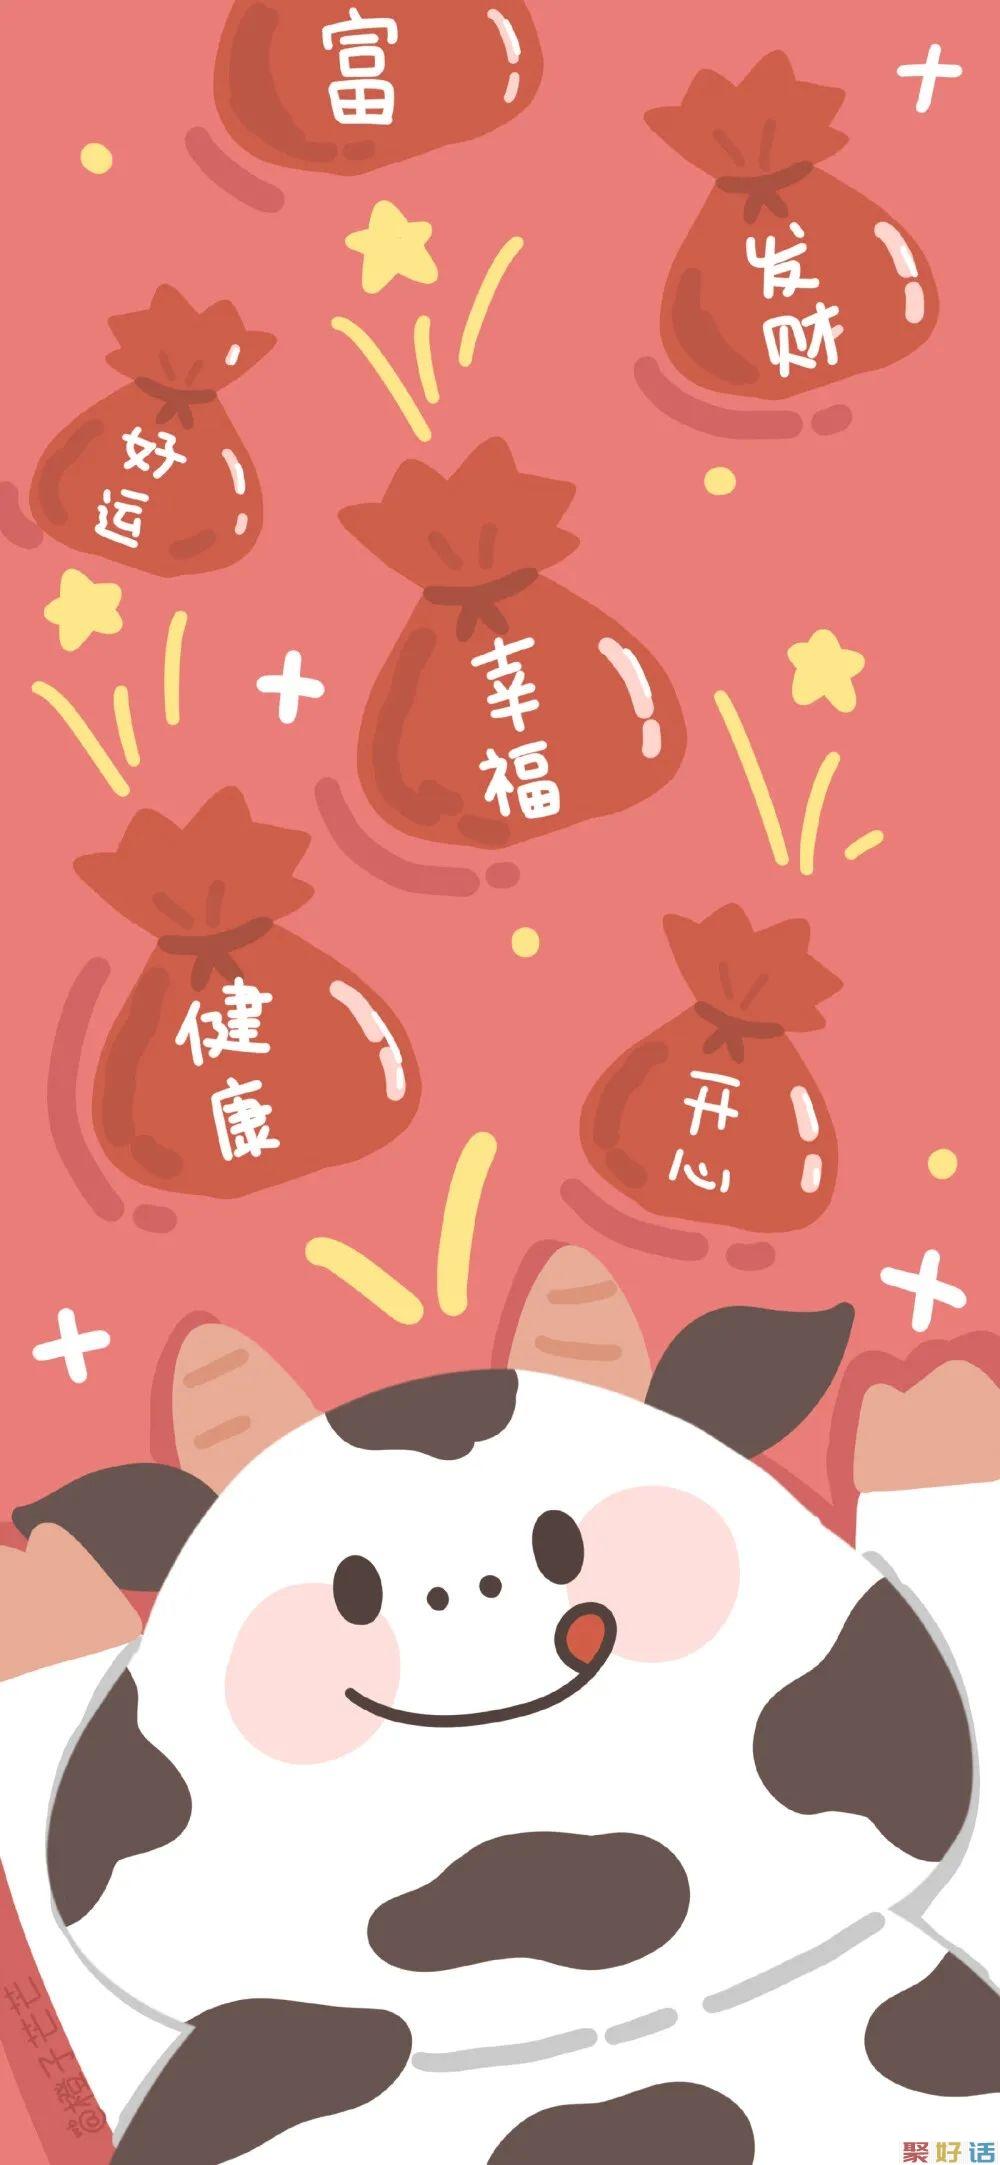 牛气又新鲜的朋友圈春节除夕文案,喜欢随便发插图2